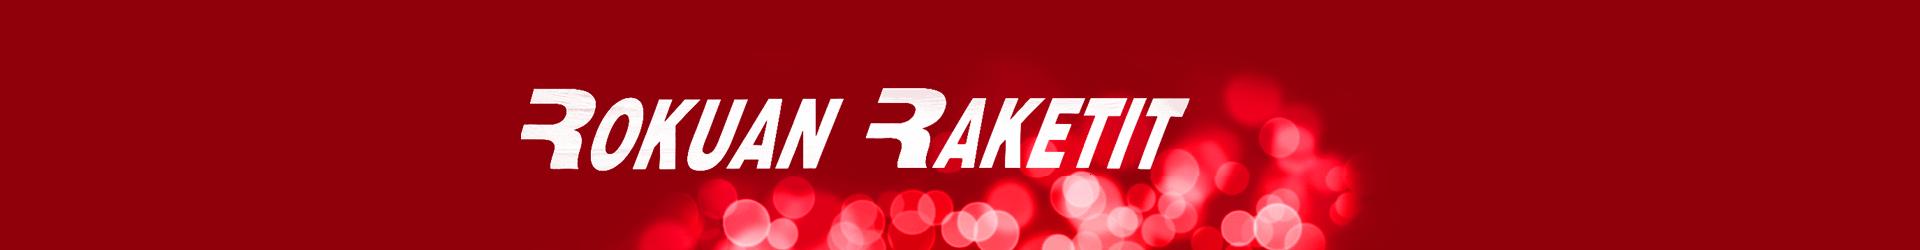 Rokuan Raketit